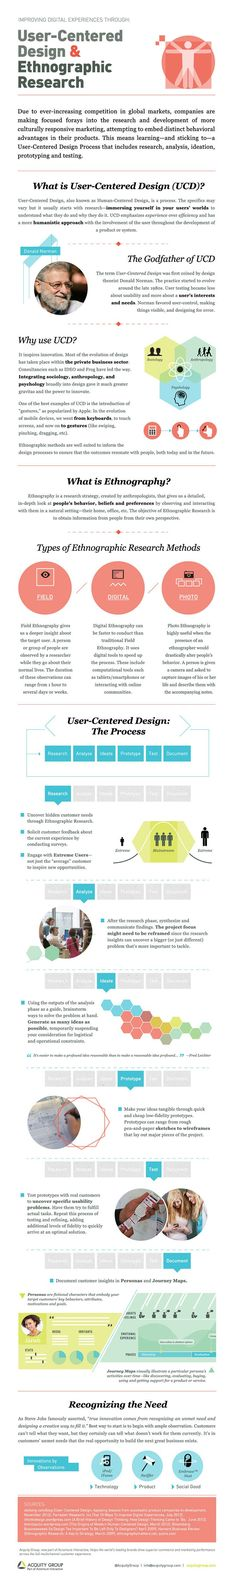 Diseño centrado en el usuario y la Investigación Etnográfica #infographic ~ Visualistan